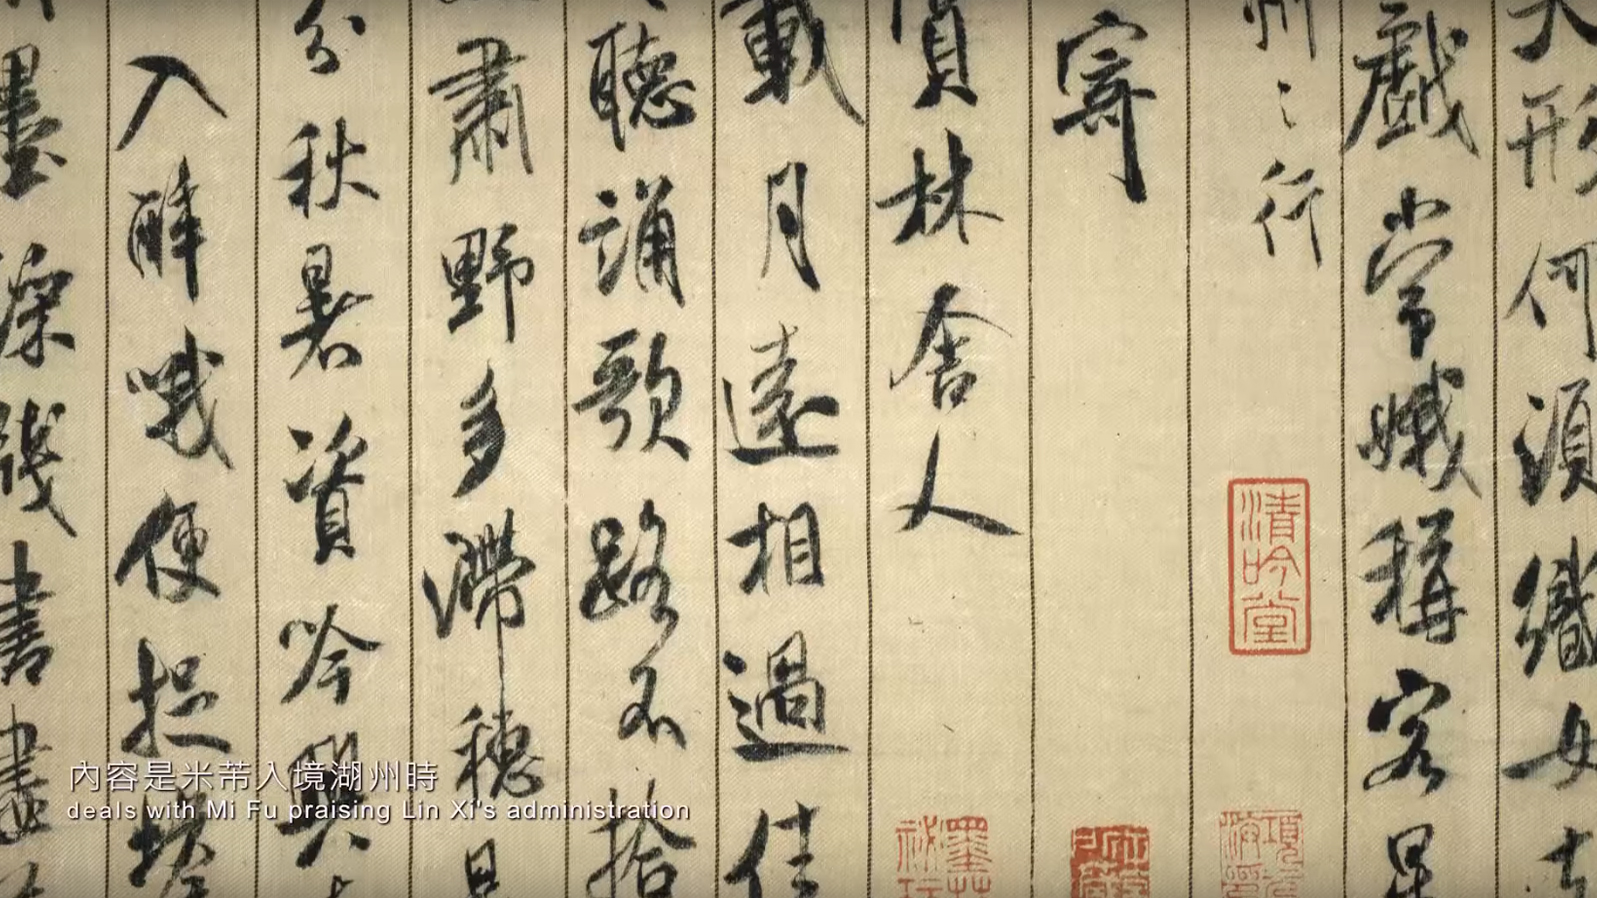 「筆墨行旅」書法篇- 1-6米芾〈蜀素帖〉